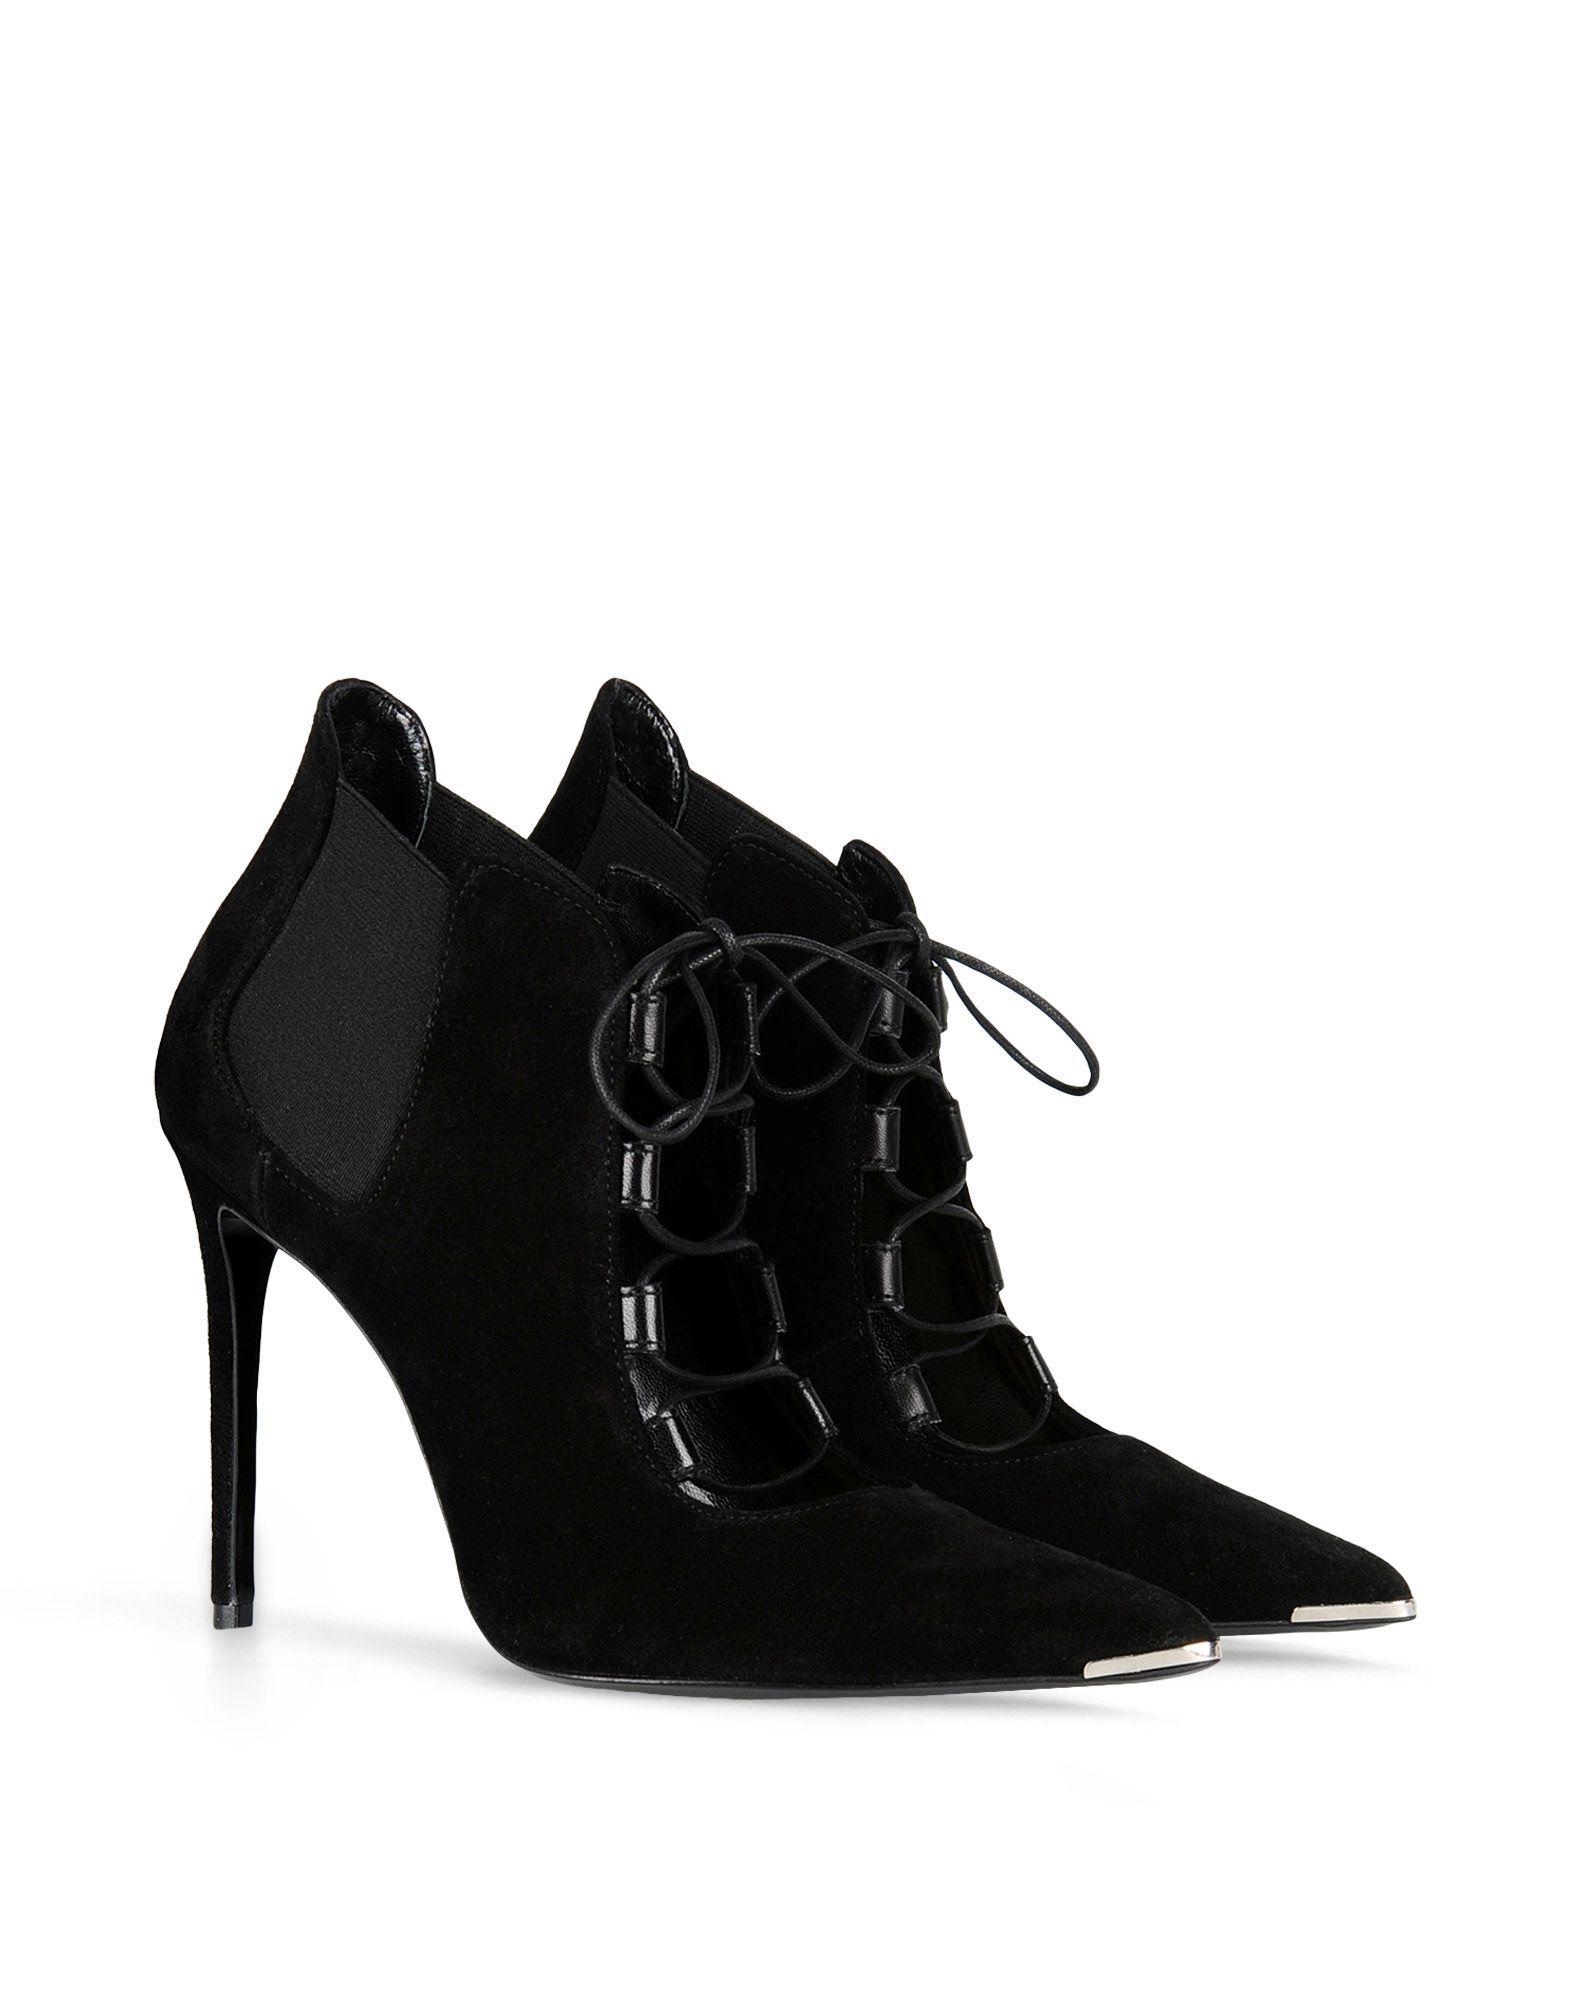 Zapatos negros Barbara Bui para mujer Barato Mejor tienda para obtener RNehxM